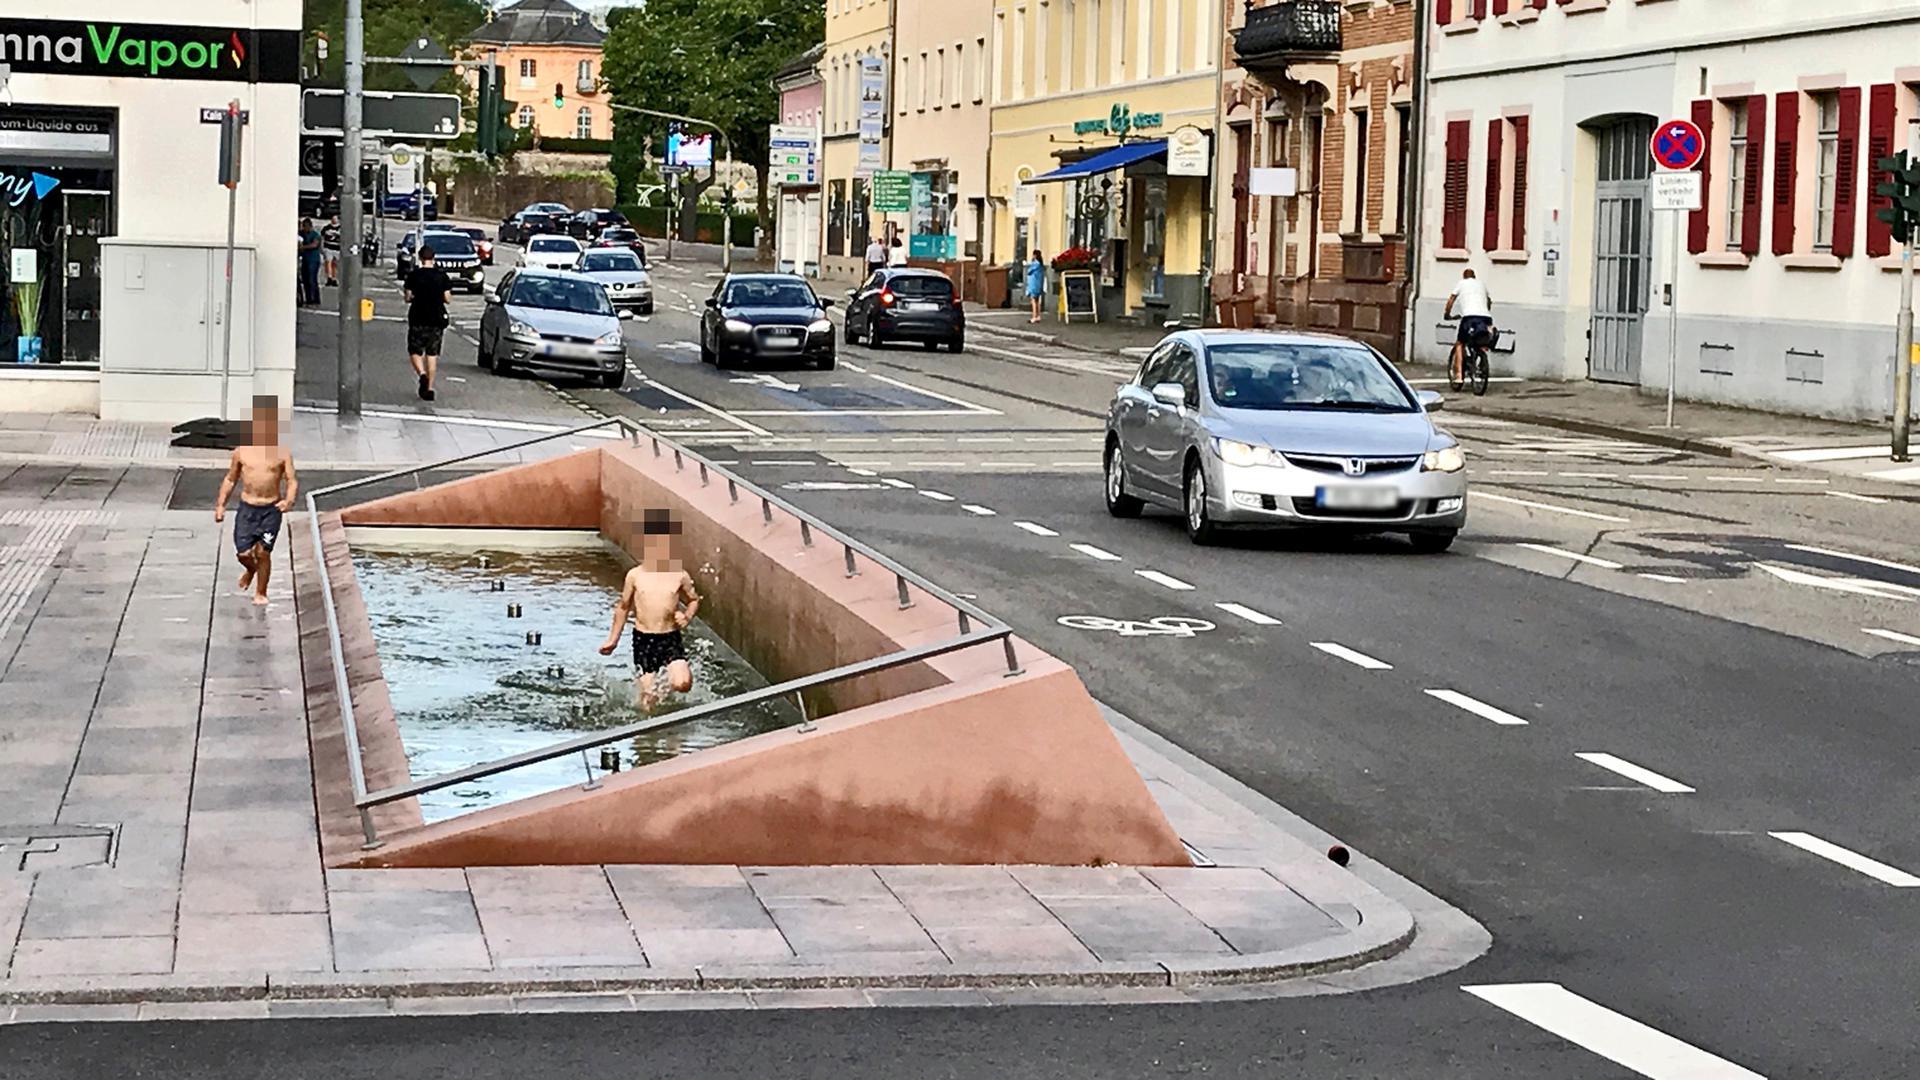 Ein Kind rennt durch einen Brunnen an einer Straße.